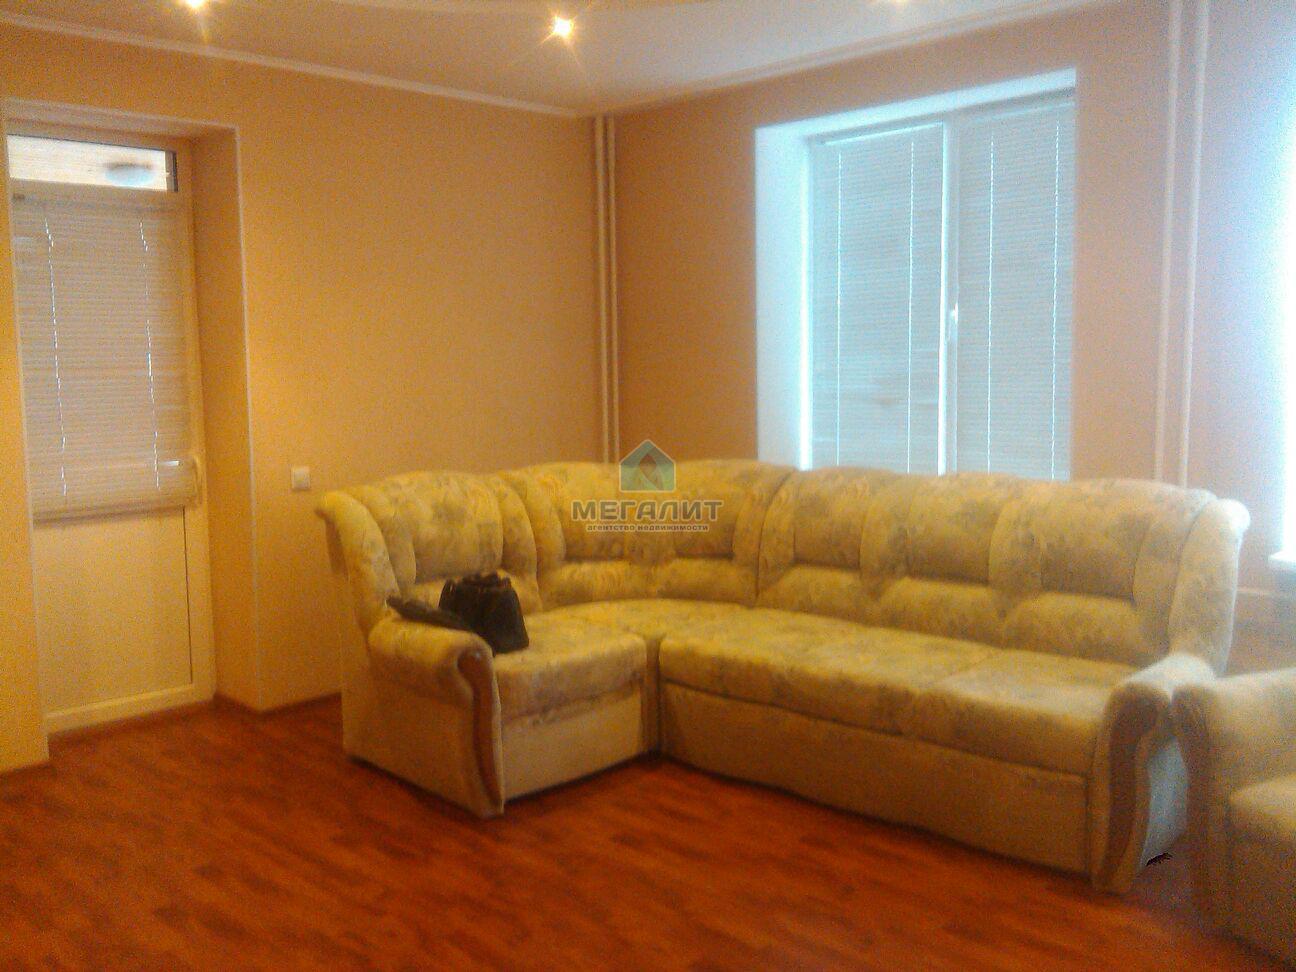 Аренда 2-к квартиры Фатыха Амирхана 12Е, 73 м²  (миниатюра №1)